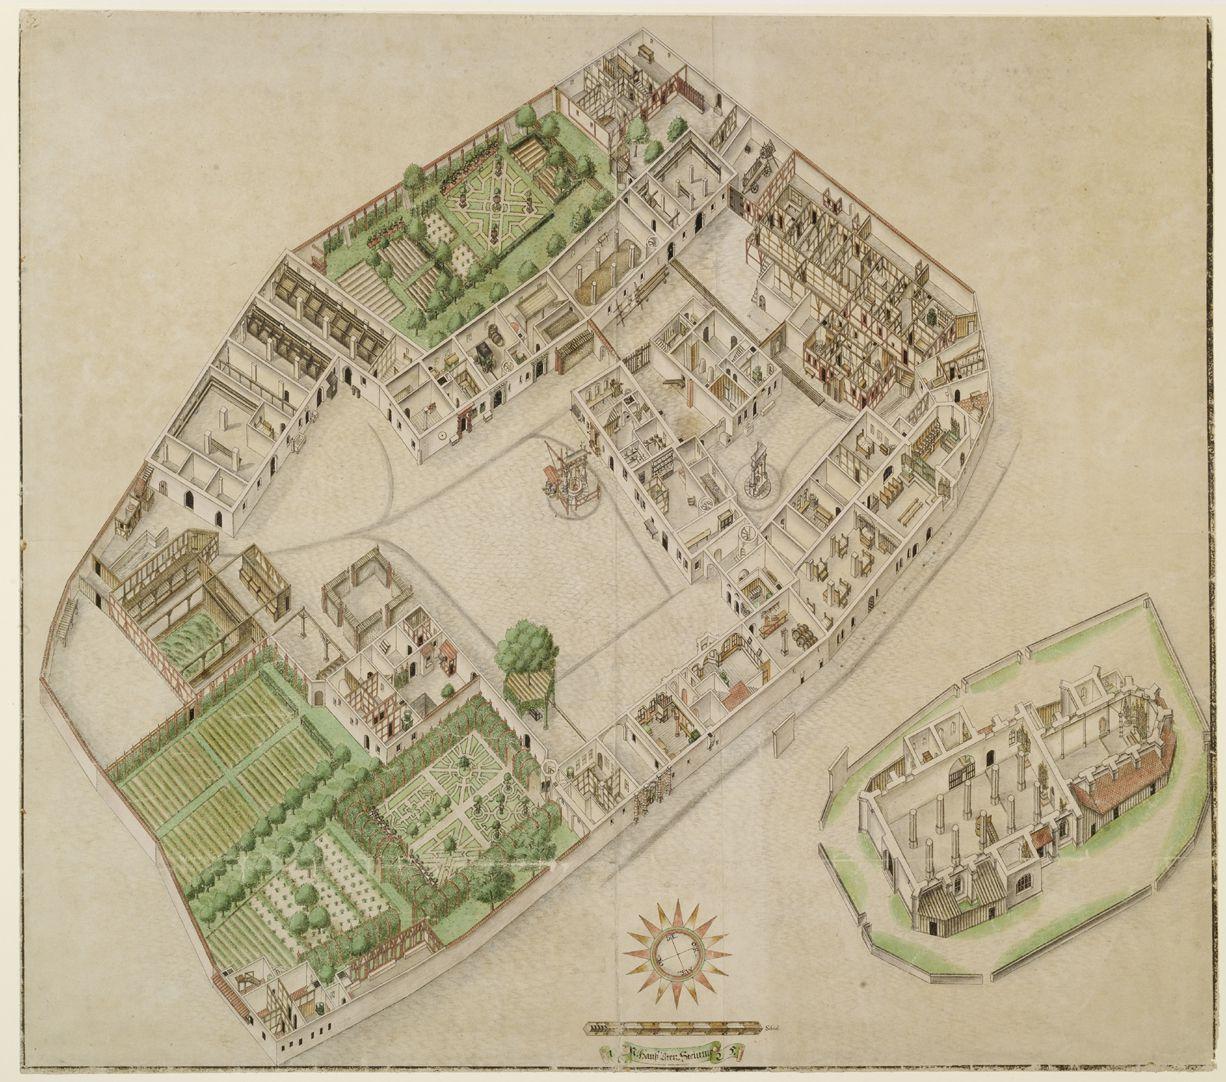 Isometrische Darstellung der Gesamtanlage des Deutschen Hauses in Nürnberg mit Einblick in die Erdgeschosse Gesamtansicht: unten Zier- und Nutzgarten (das westliche Areal war der Wirtschaftsteil), oben der sogenannte Goldarbeiters-Garten, rechts davon die alten Spital und Zinshäuser.